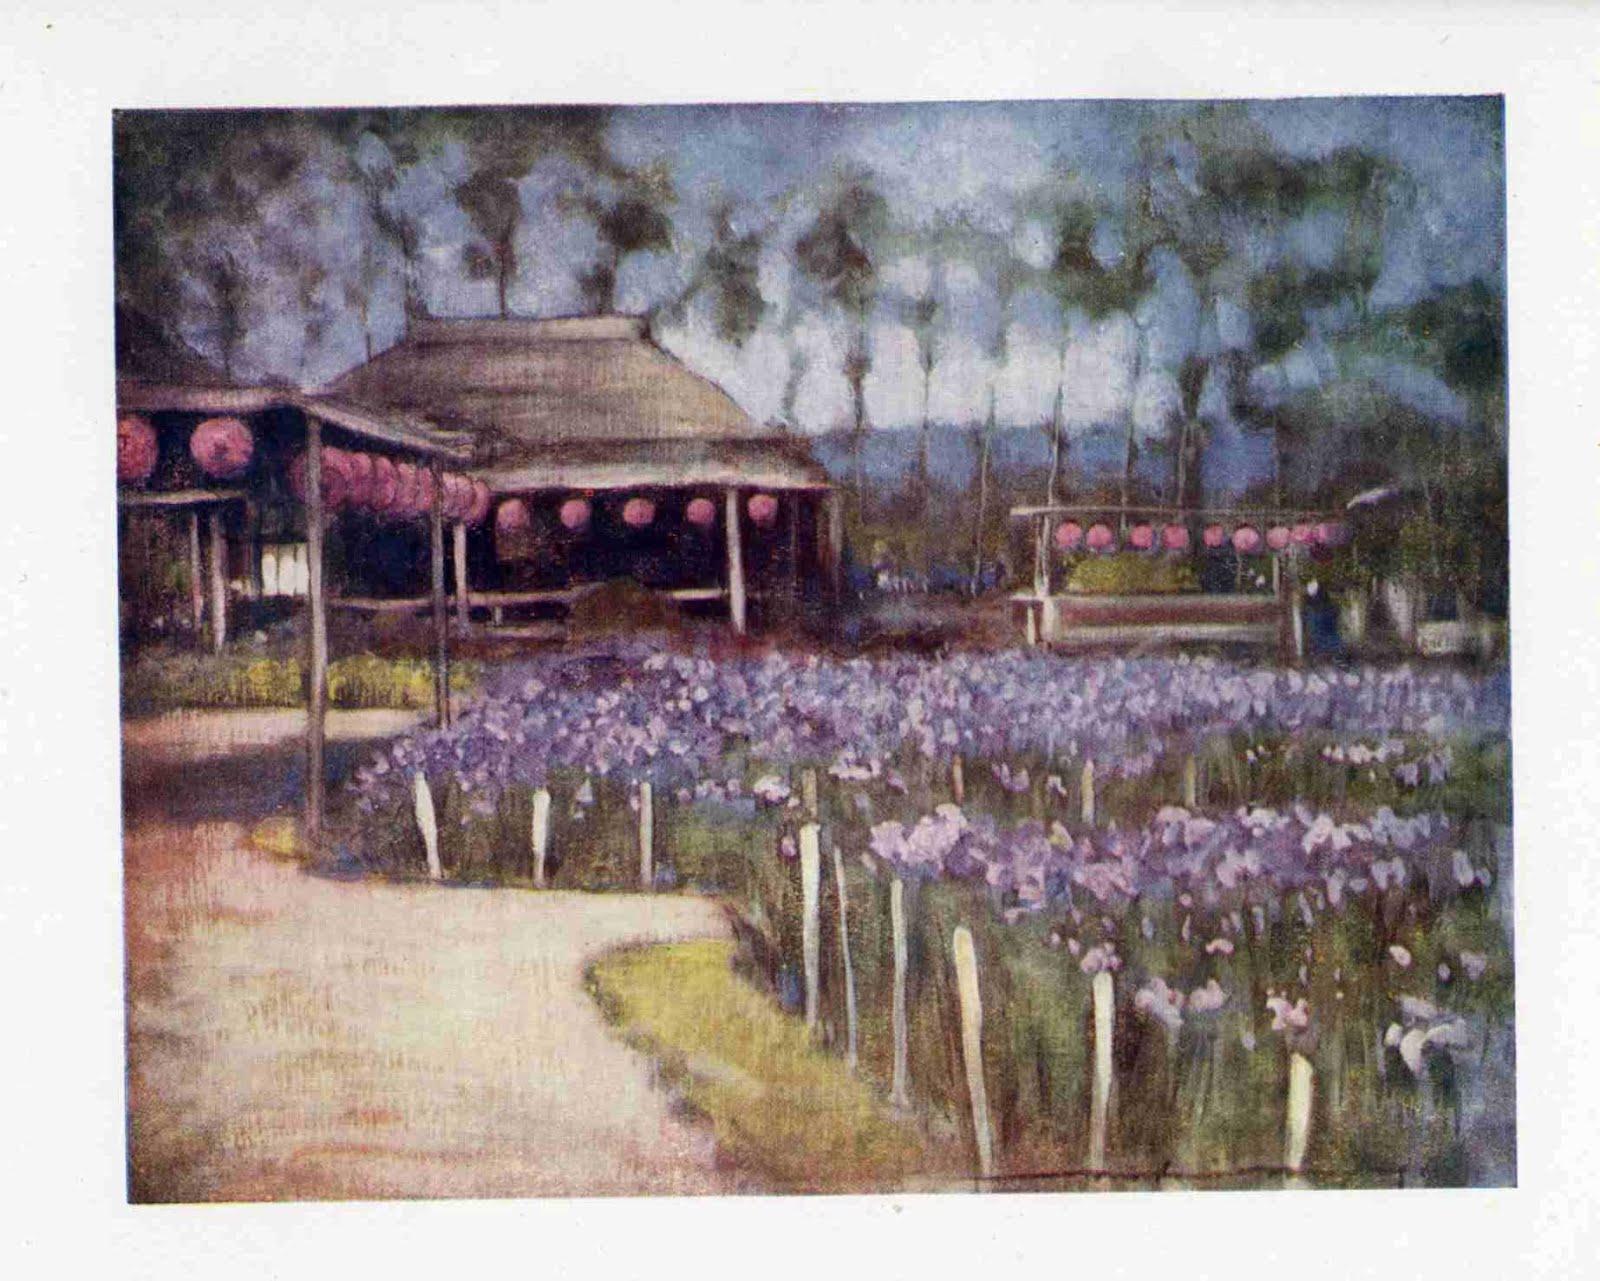 MENPES MortimerIR-menpes-japan-iris-garden-fp112.jpg